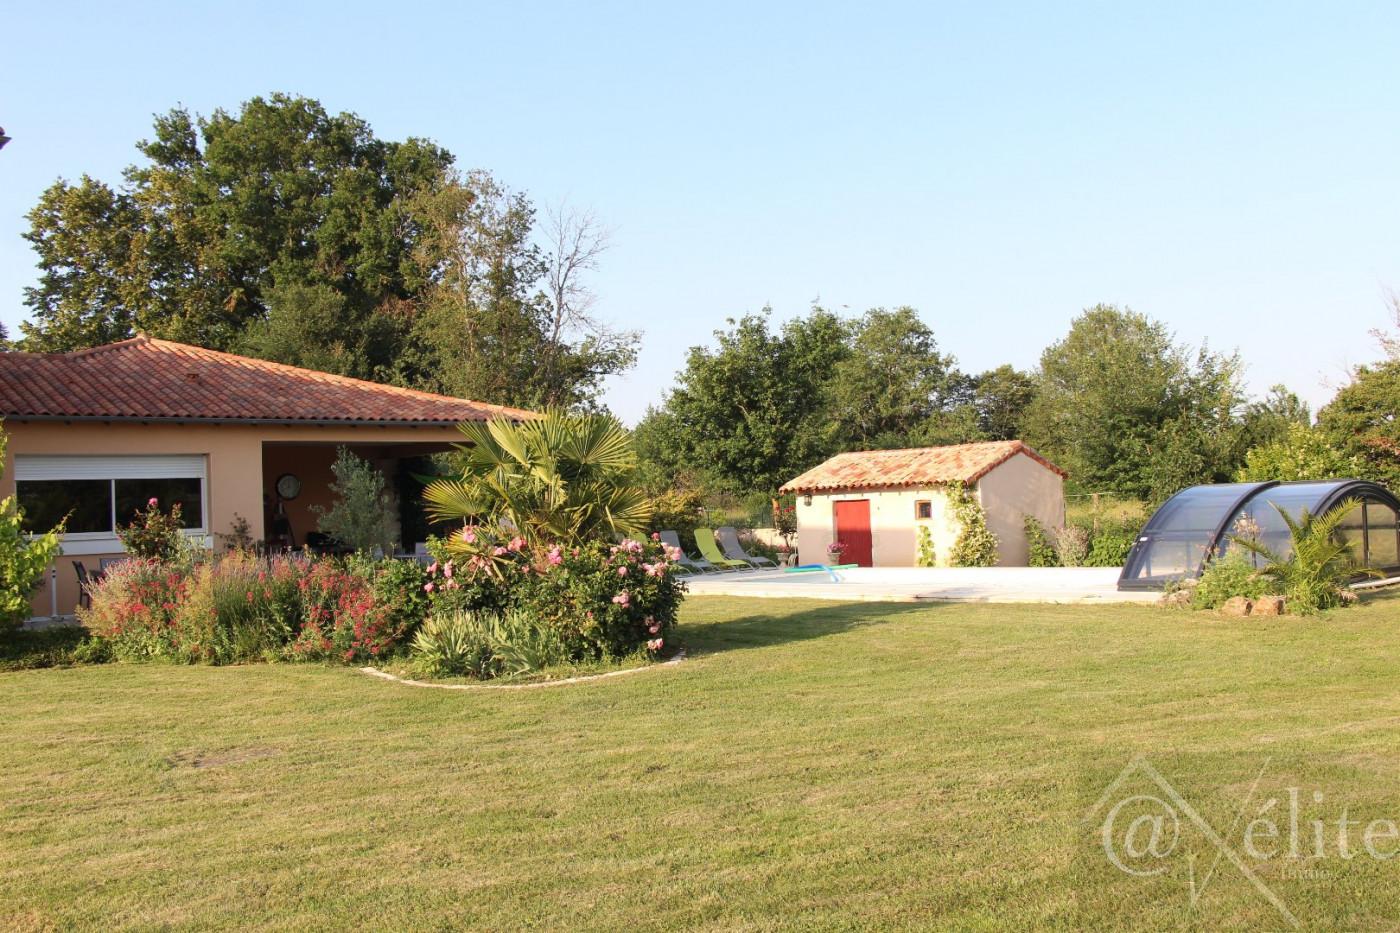 A vendre Poitiers 77792954 Axelite sas